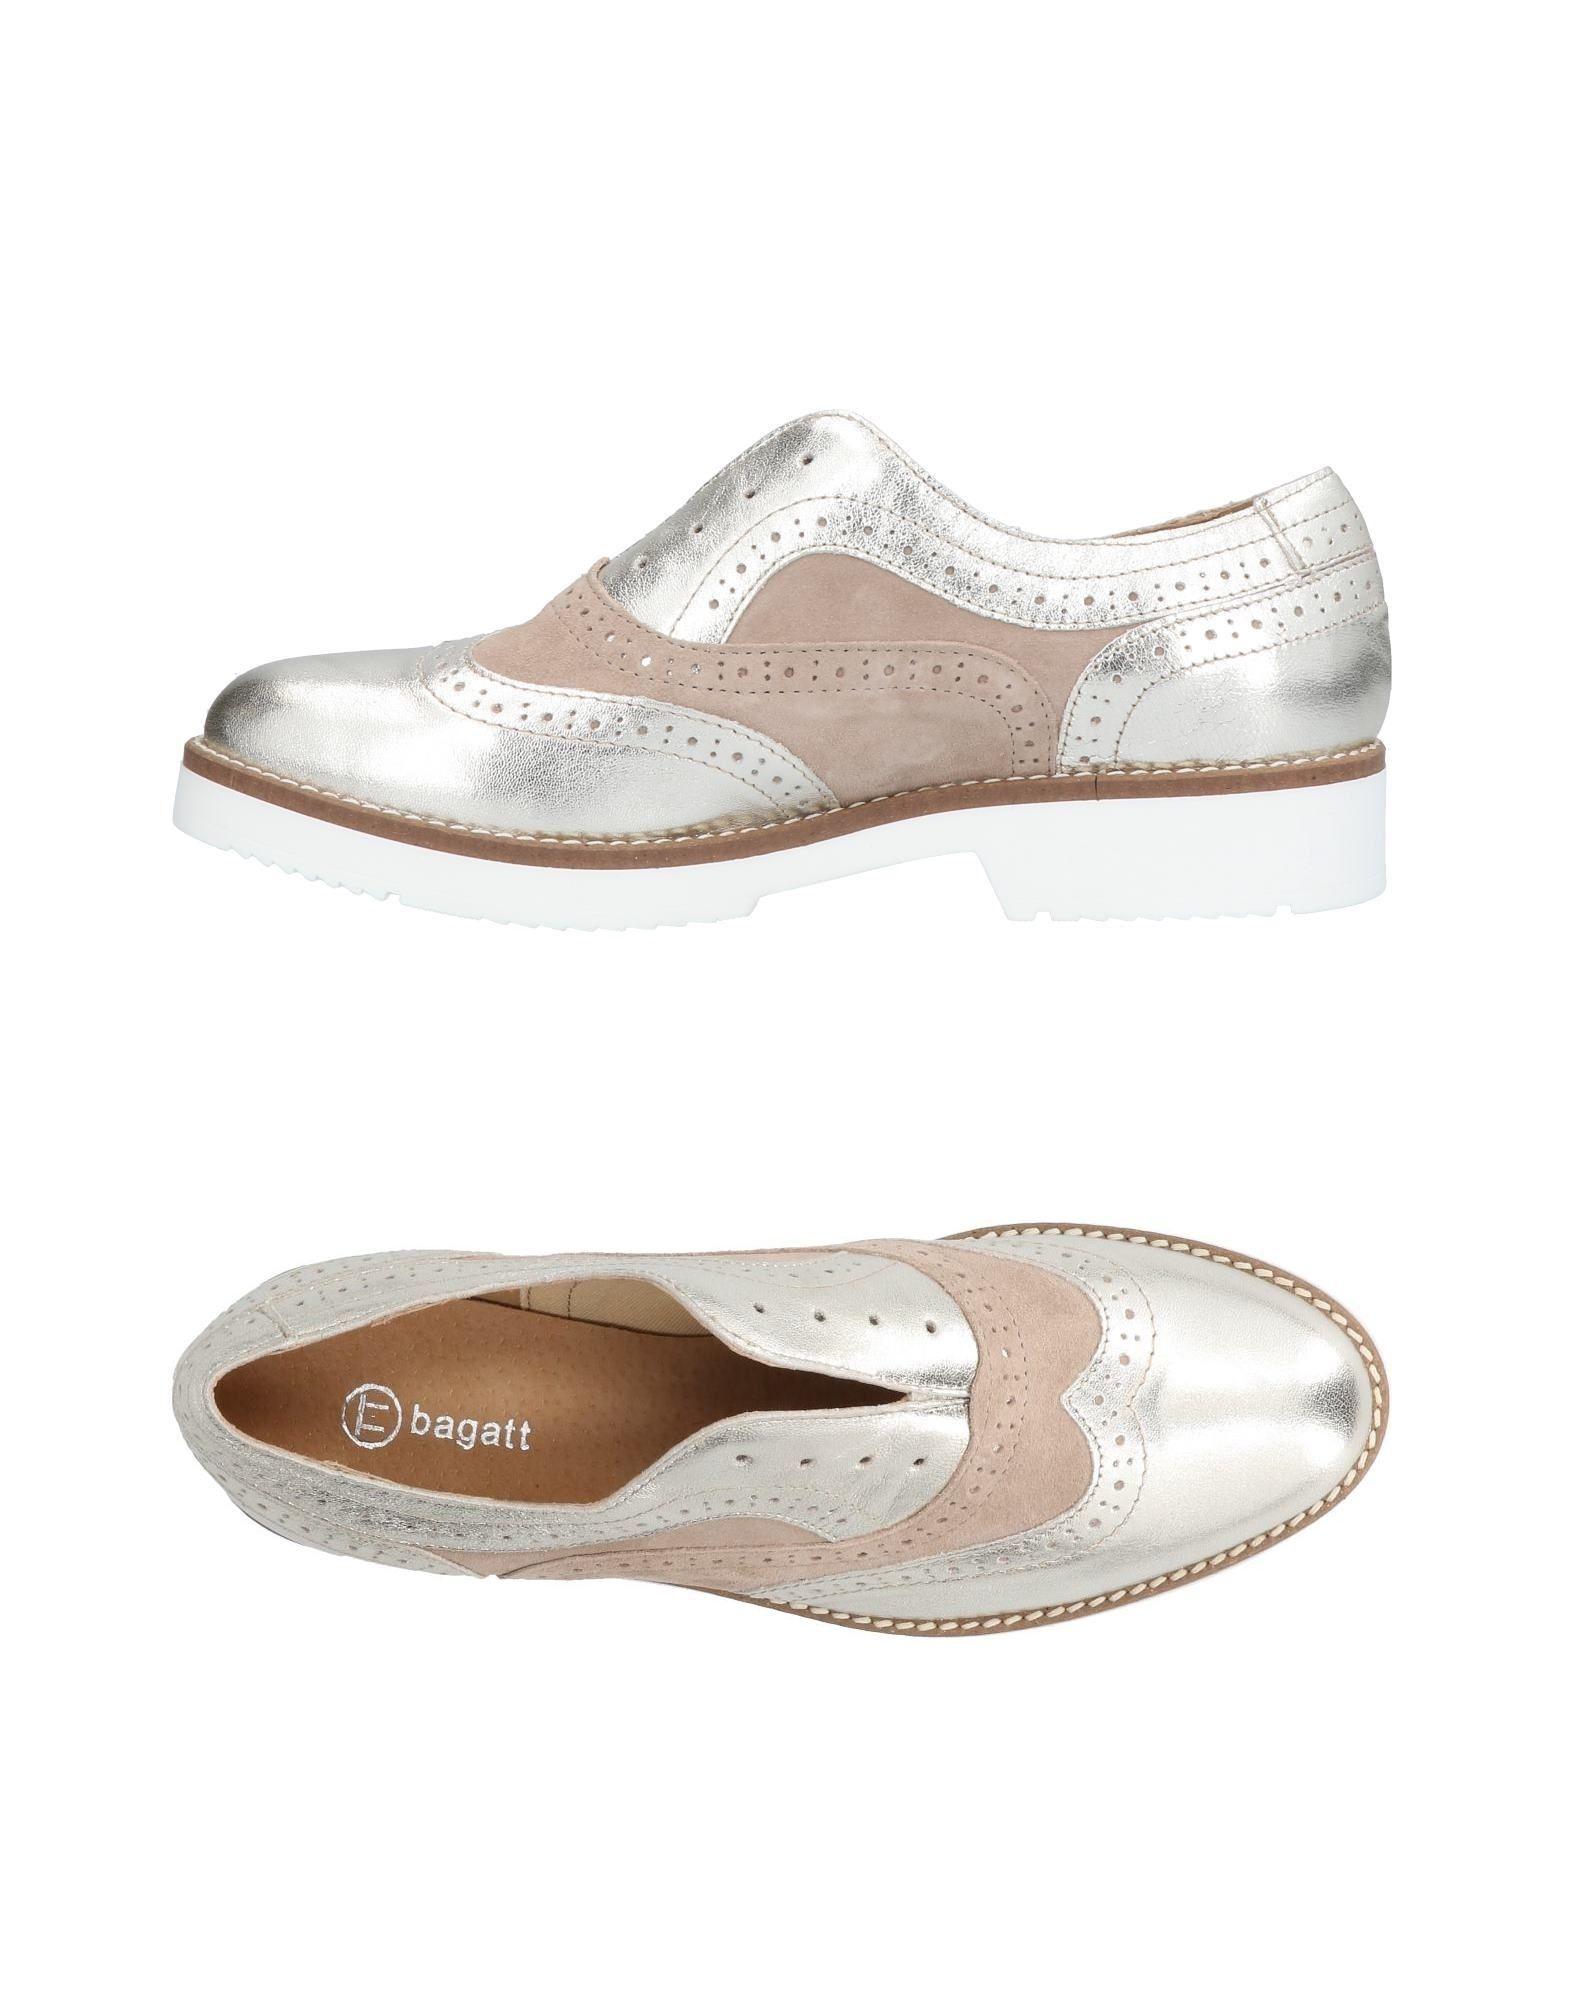 Bagatt Mokassins Damen  11429132HM Gute Qualität beliebte Schuhe